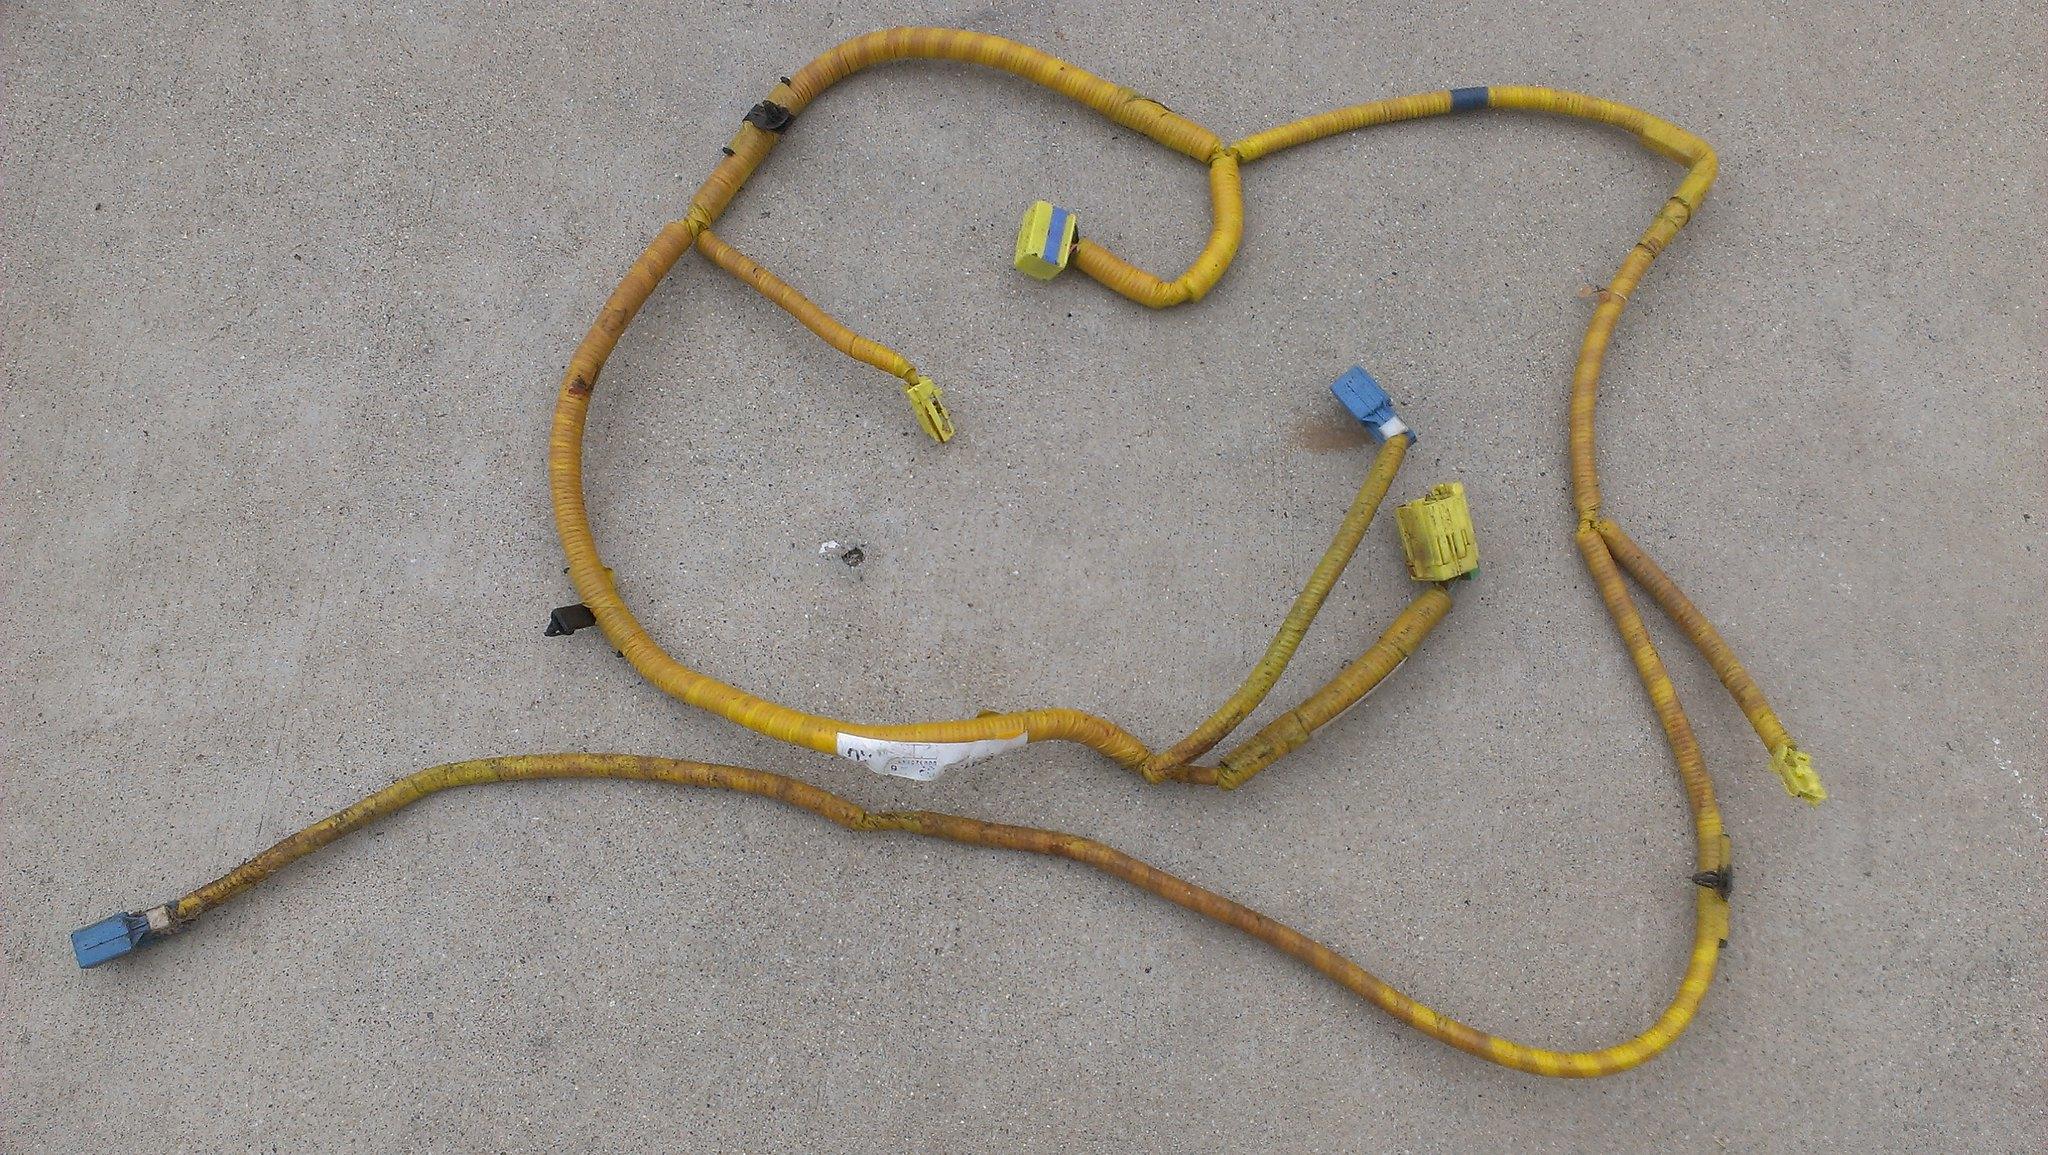 Fs Usa Ca 1993 2001 Subaru Impreza Interior Parts 2000 Horn Wiring 1998 Keyless Entry Alarm Cut 15 Shipped